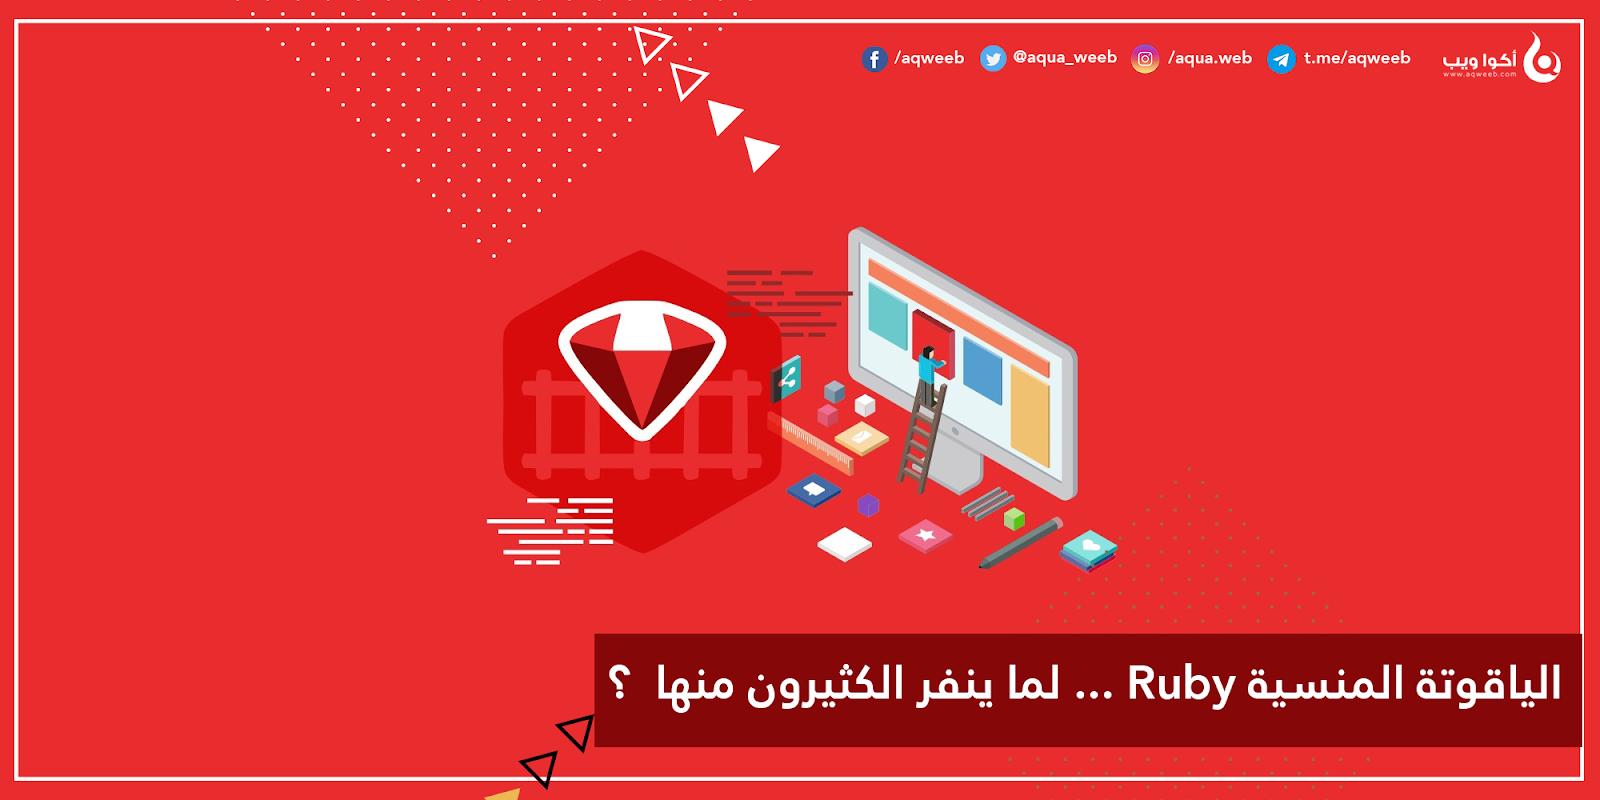 الياقوتة المنسية Ruby ... لما ينفر الكثيرون منها و إطارها Rails ؟